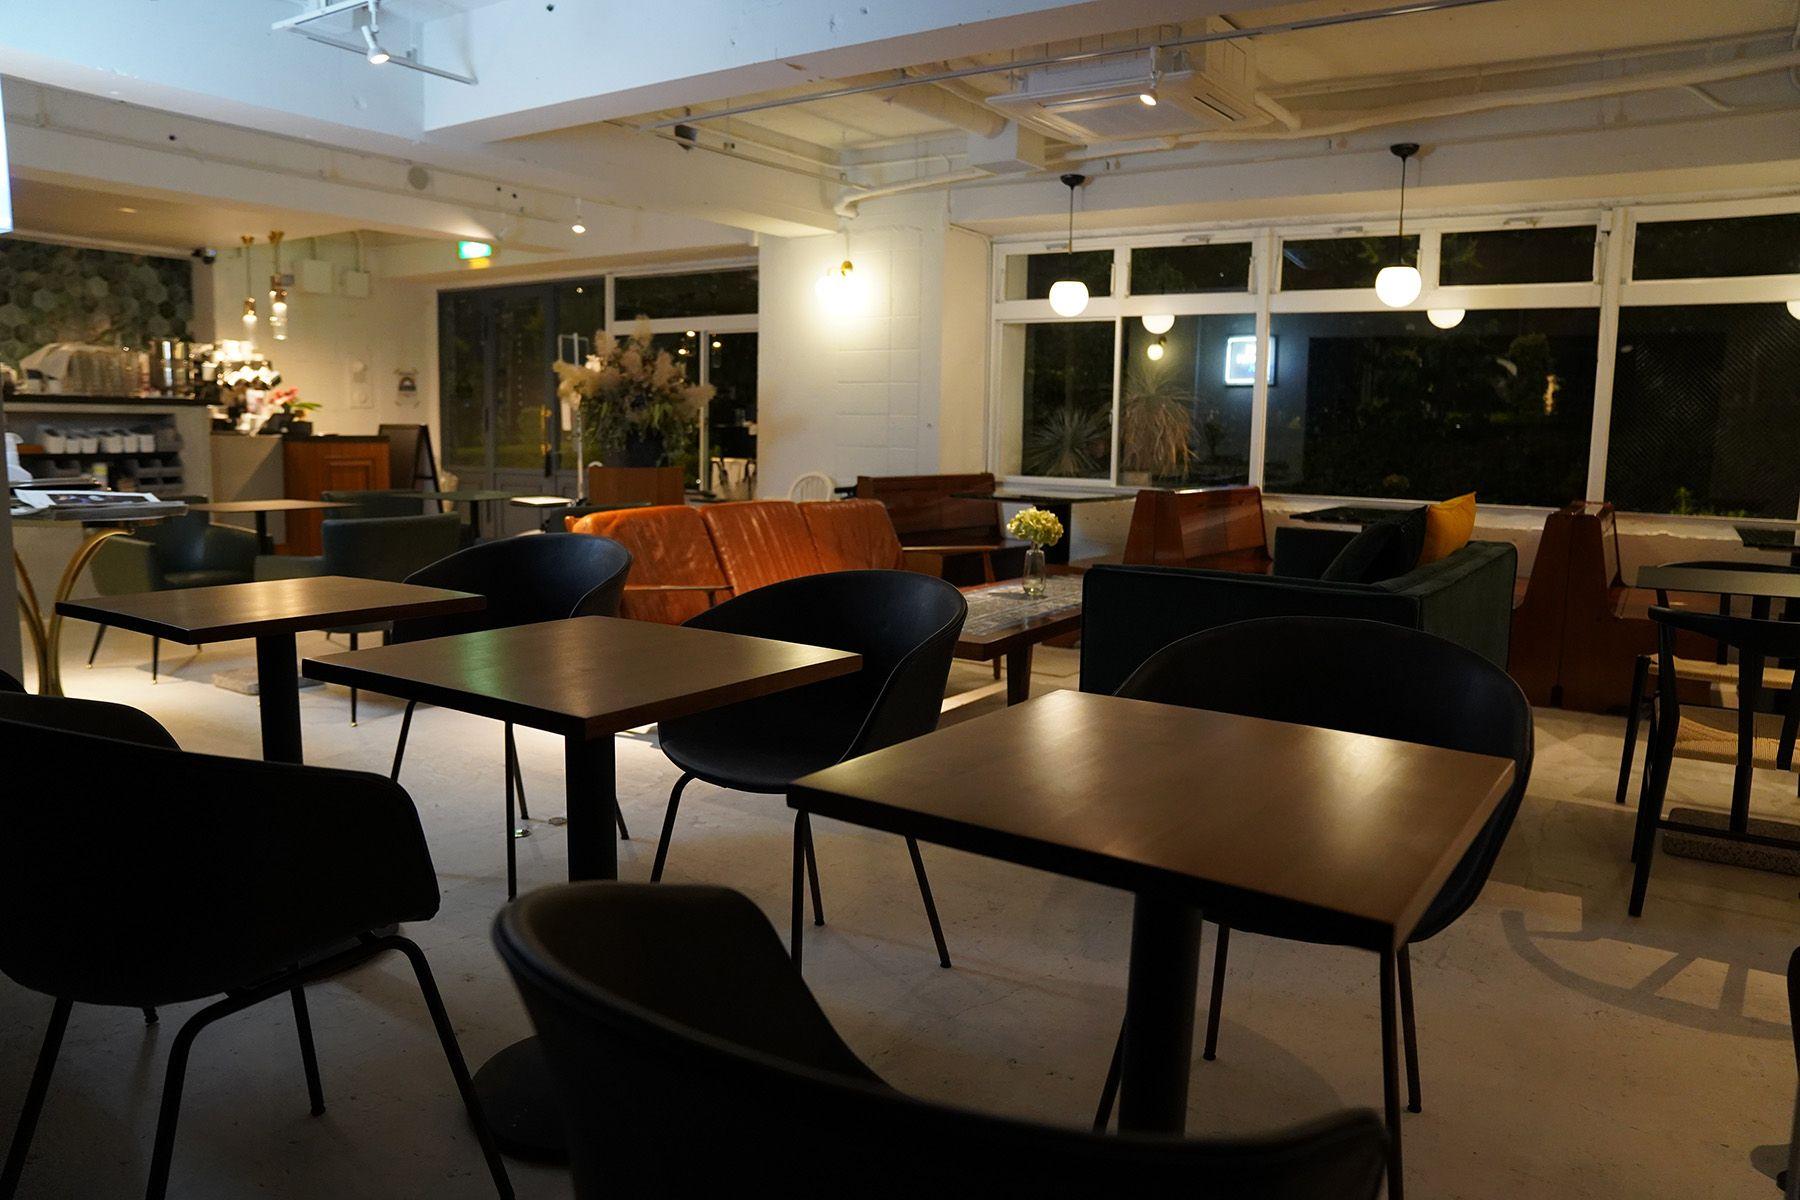 ANEA CAFÉ  松見坂/店舗 (アネアカフェ マツミザカ)夜の店内